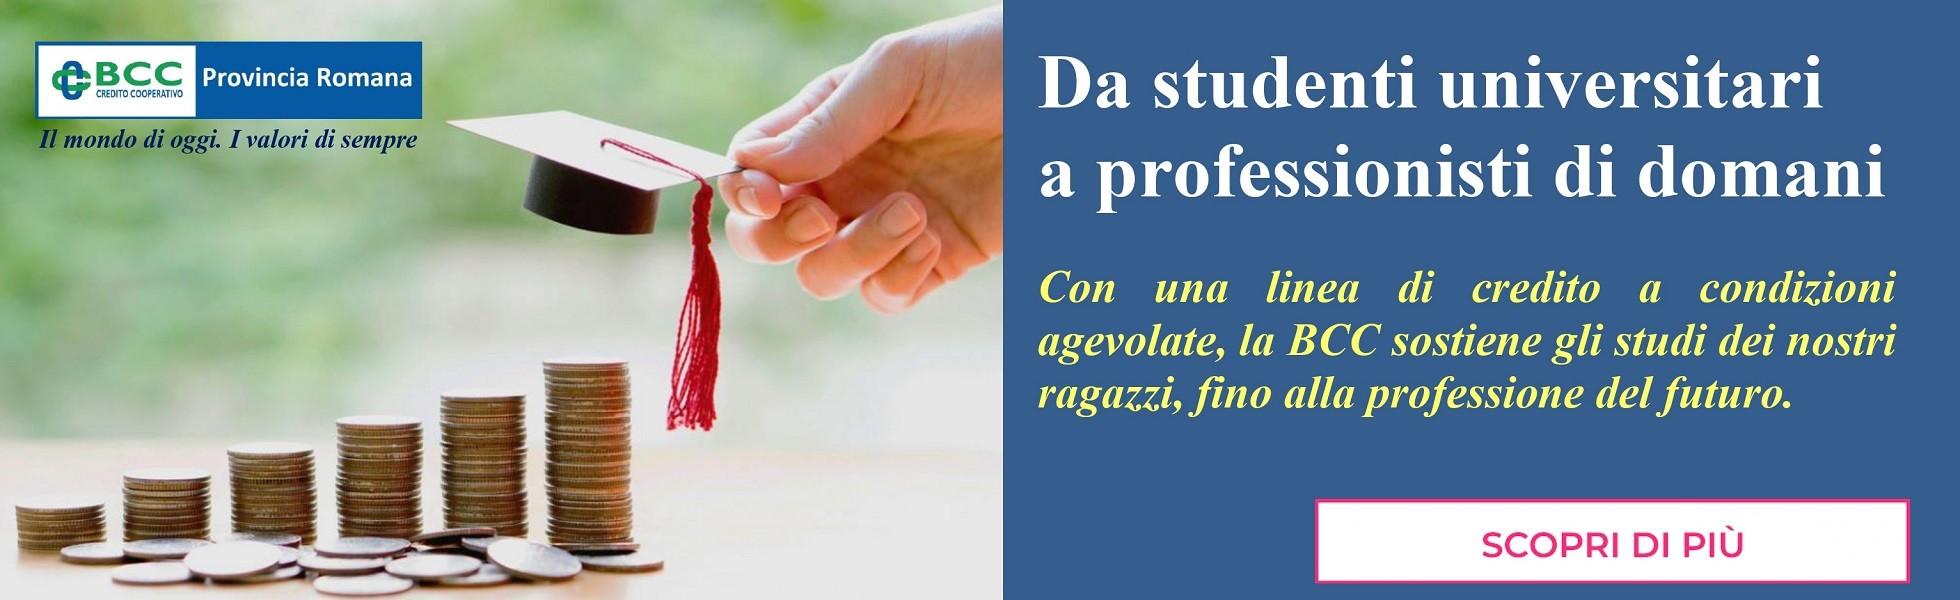 da universitari a professionisti di domani